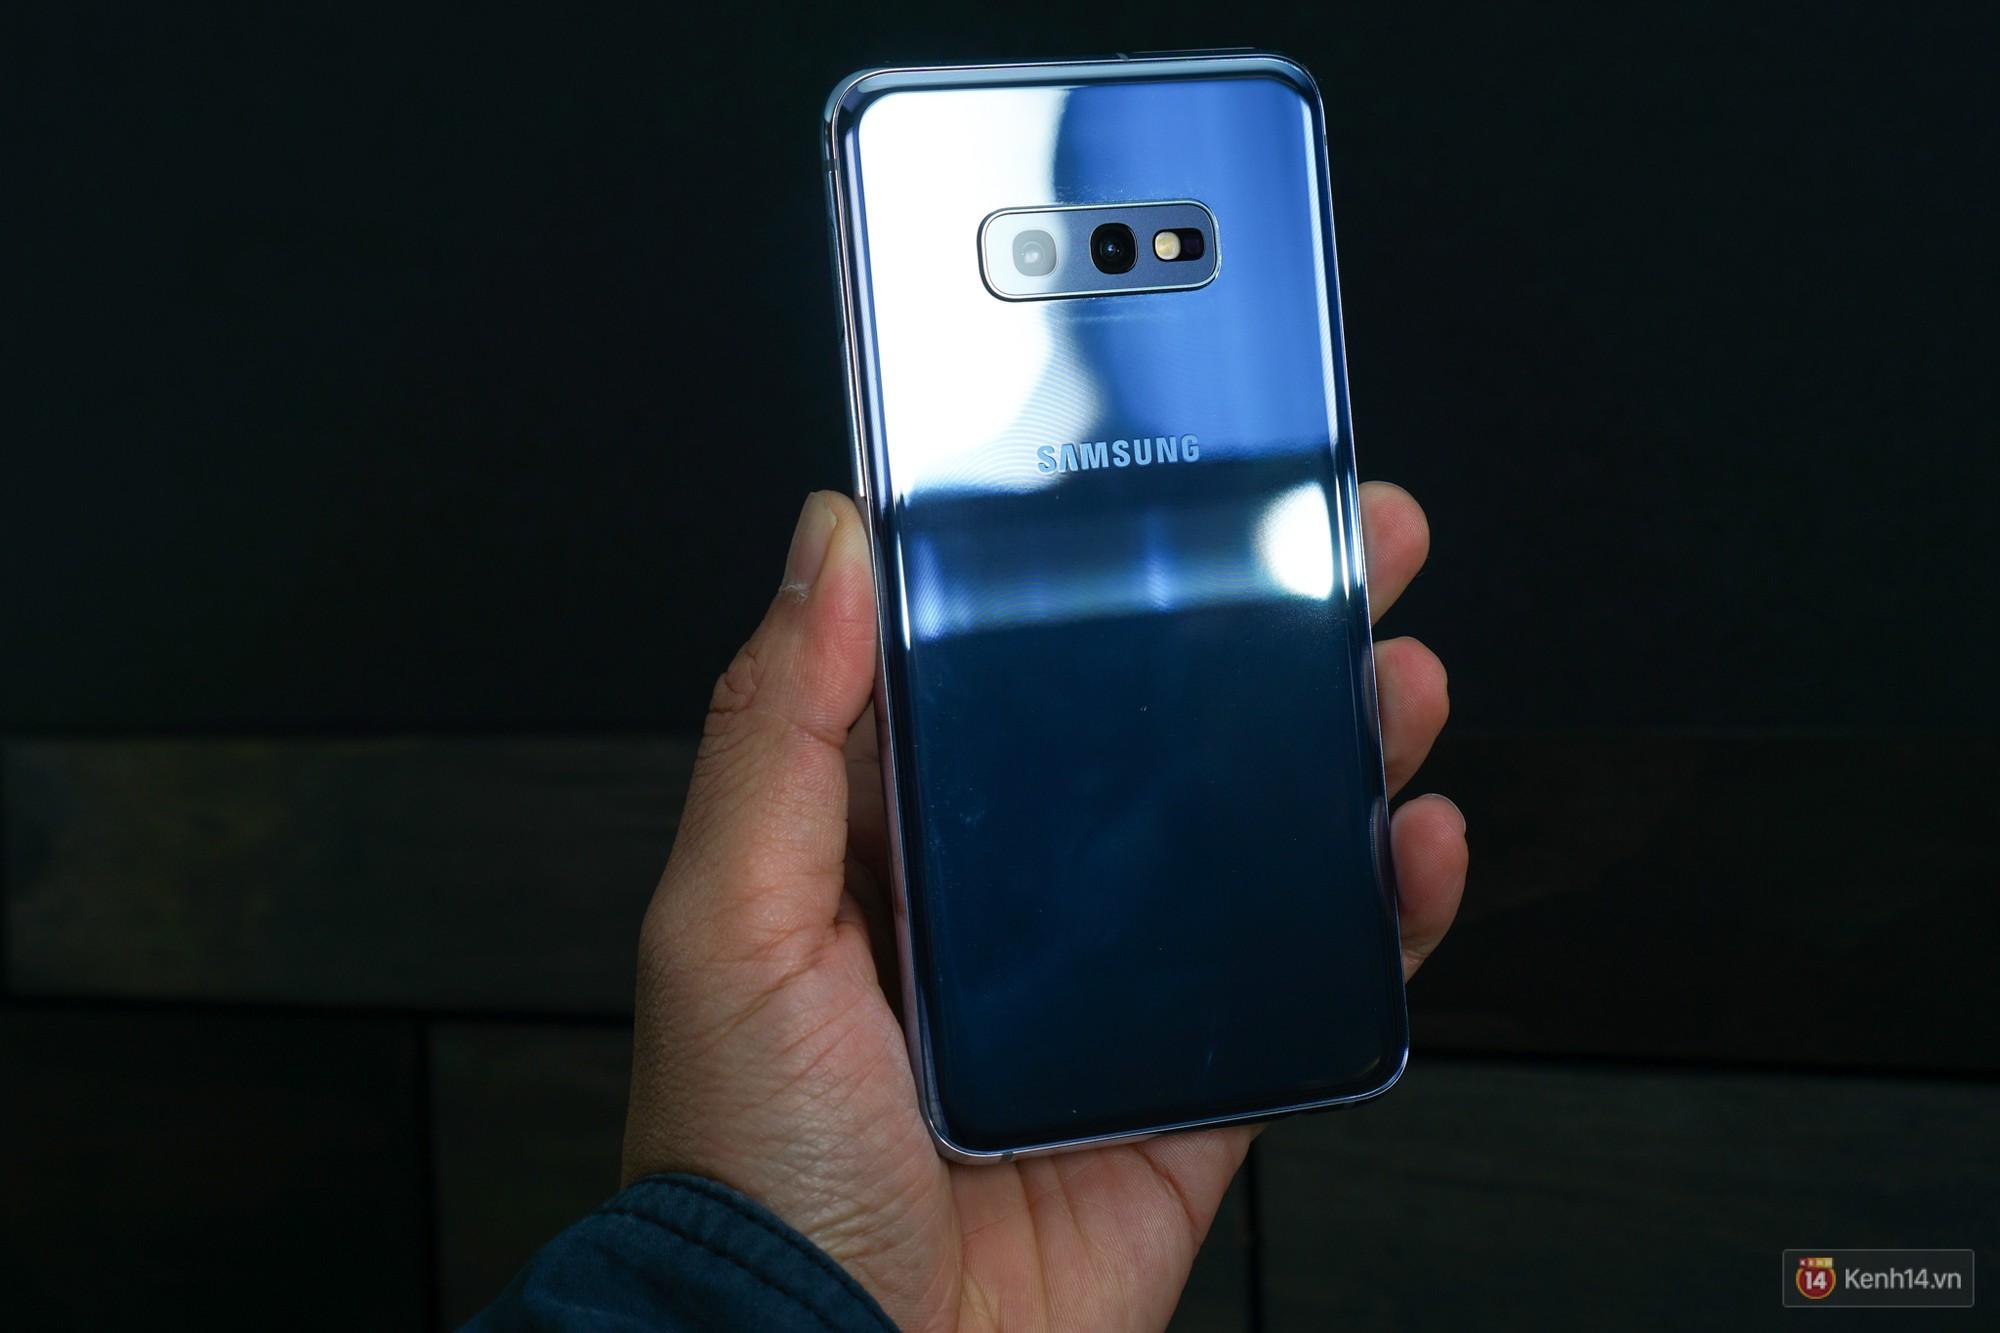 Trên tay Galaxy S10/S10+ giá từ 21 triệu: Như này không đẹp thì không biết thế nào mới được coi là đẹp - Ảnh 10.